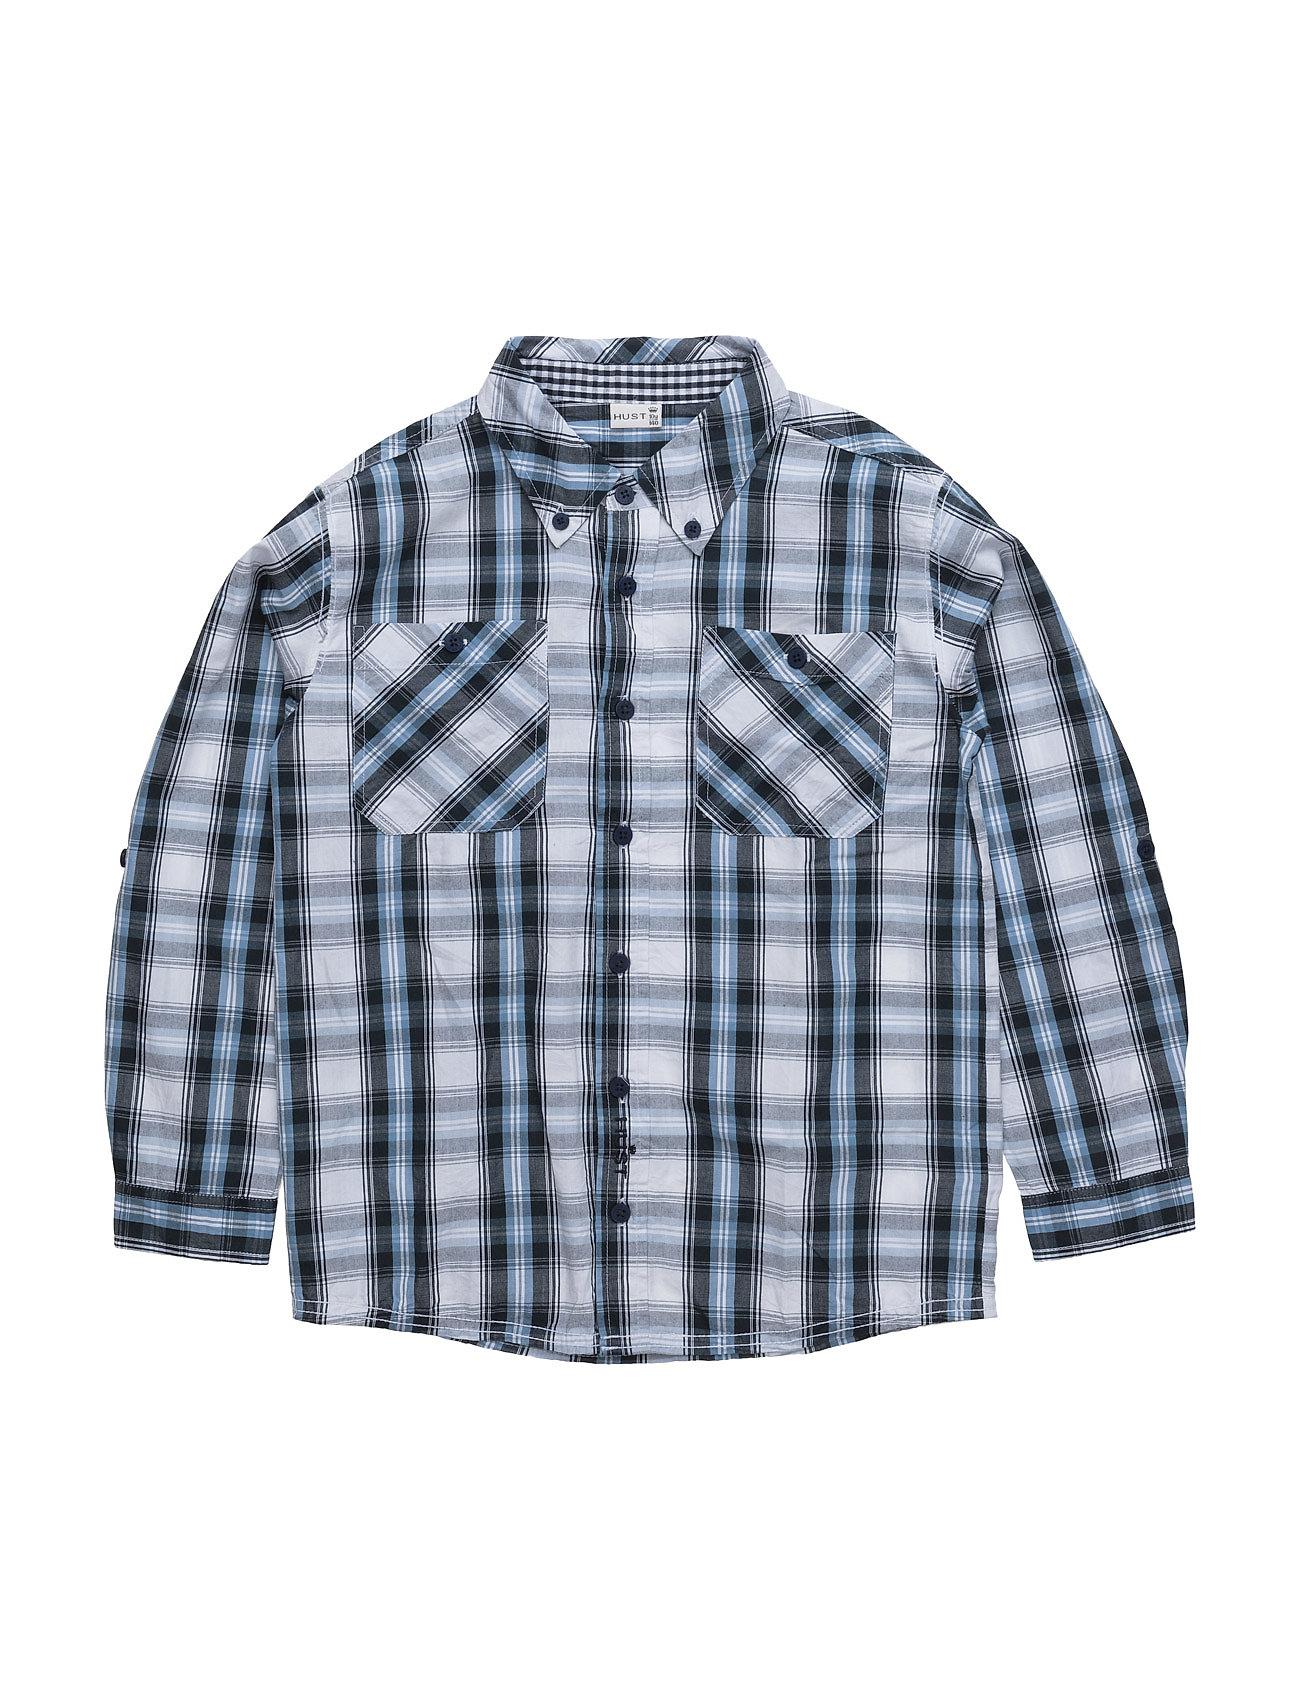 Shirt Hust & Claire Trøjer til Drenge i